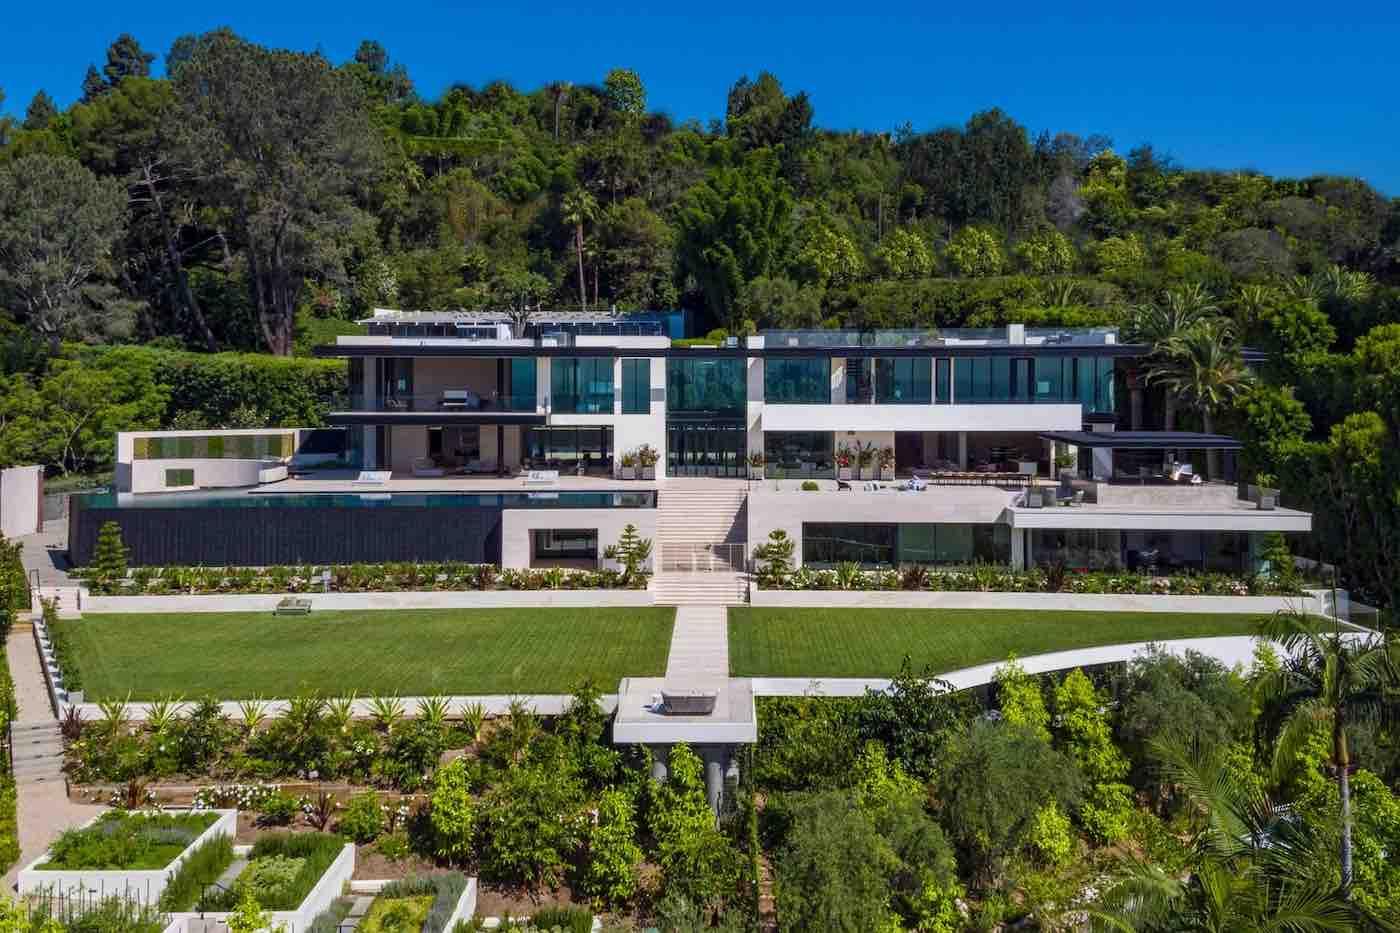 Esta exótica casa de lujo en Bel Air, California está a la venta en 99 millones de dólares